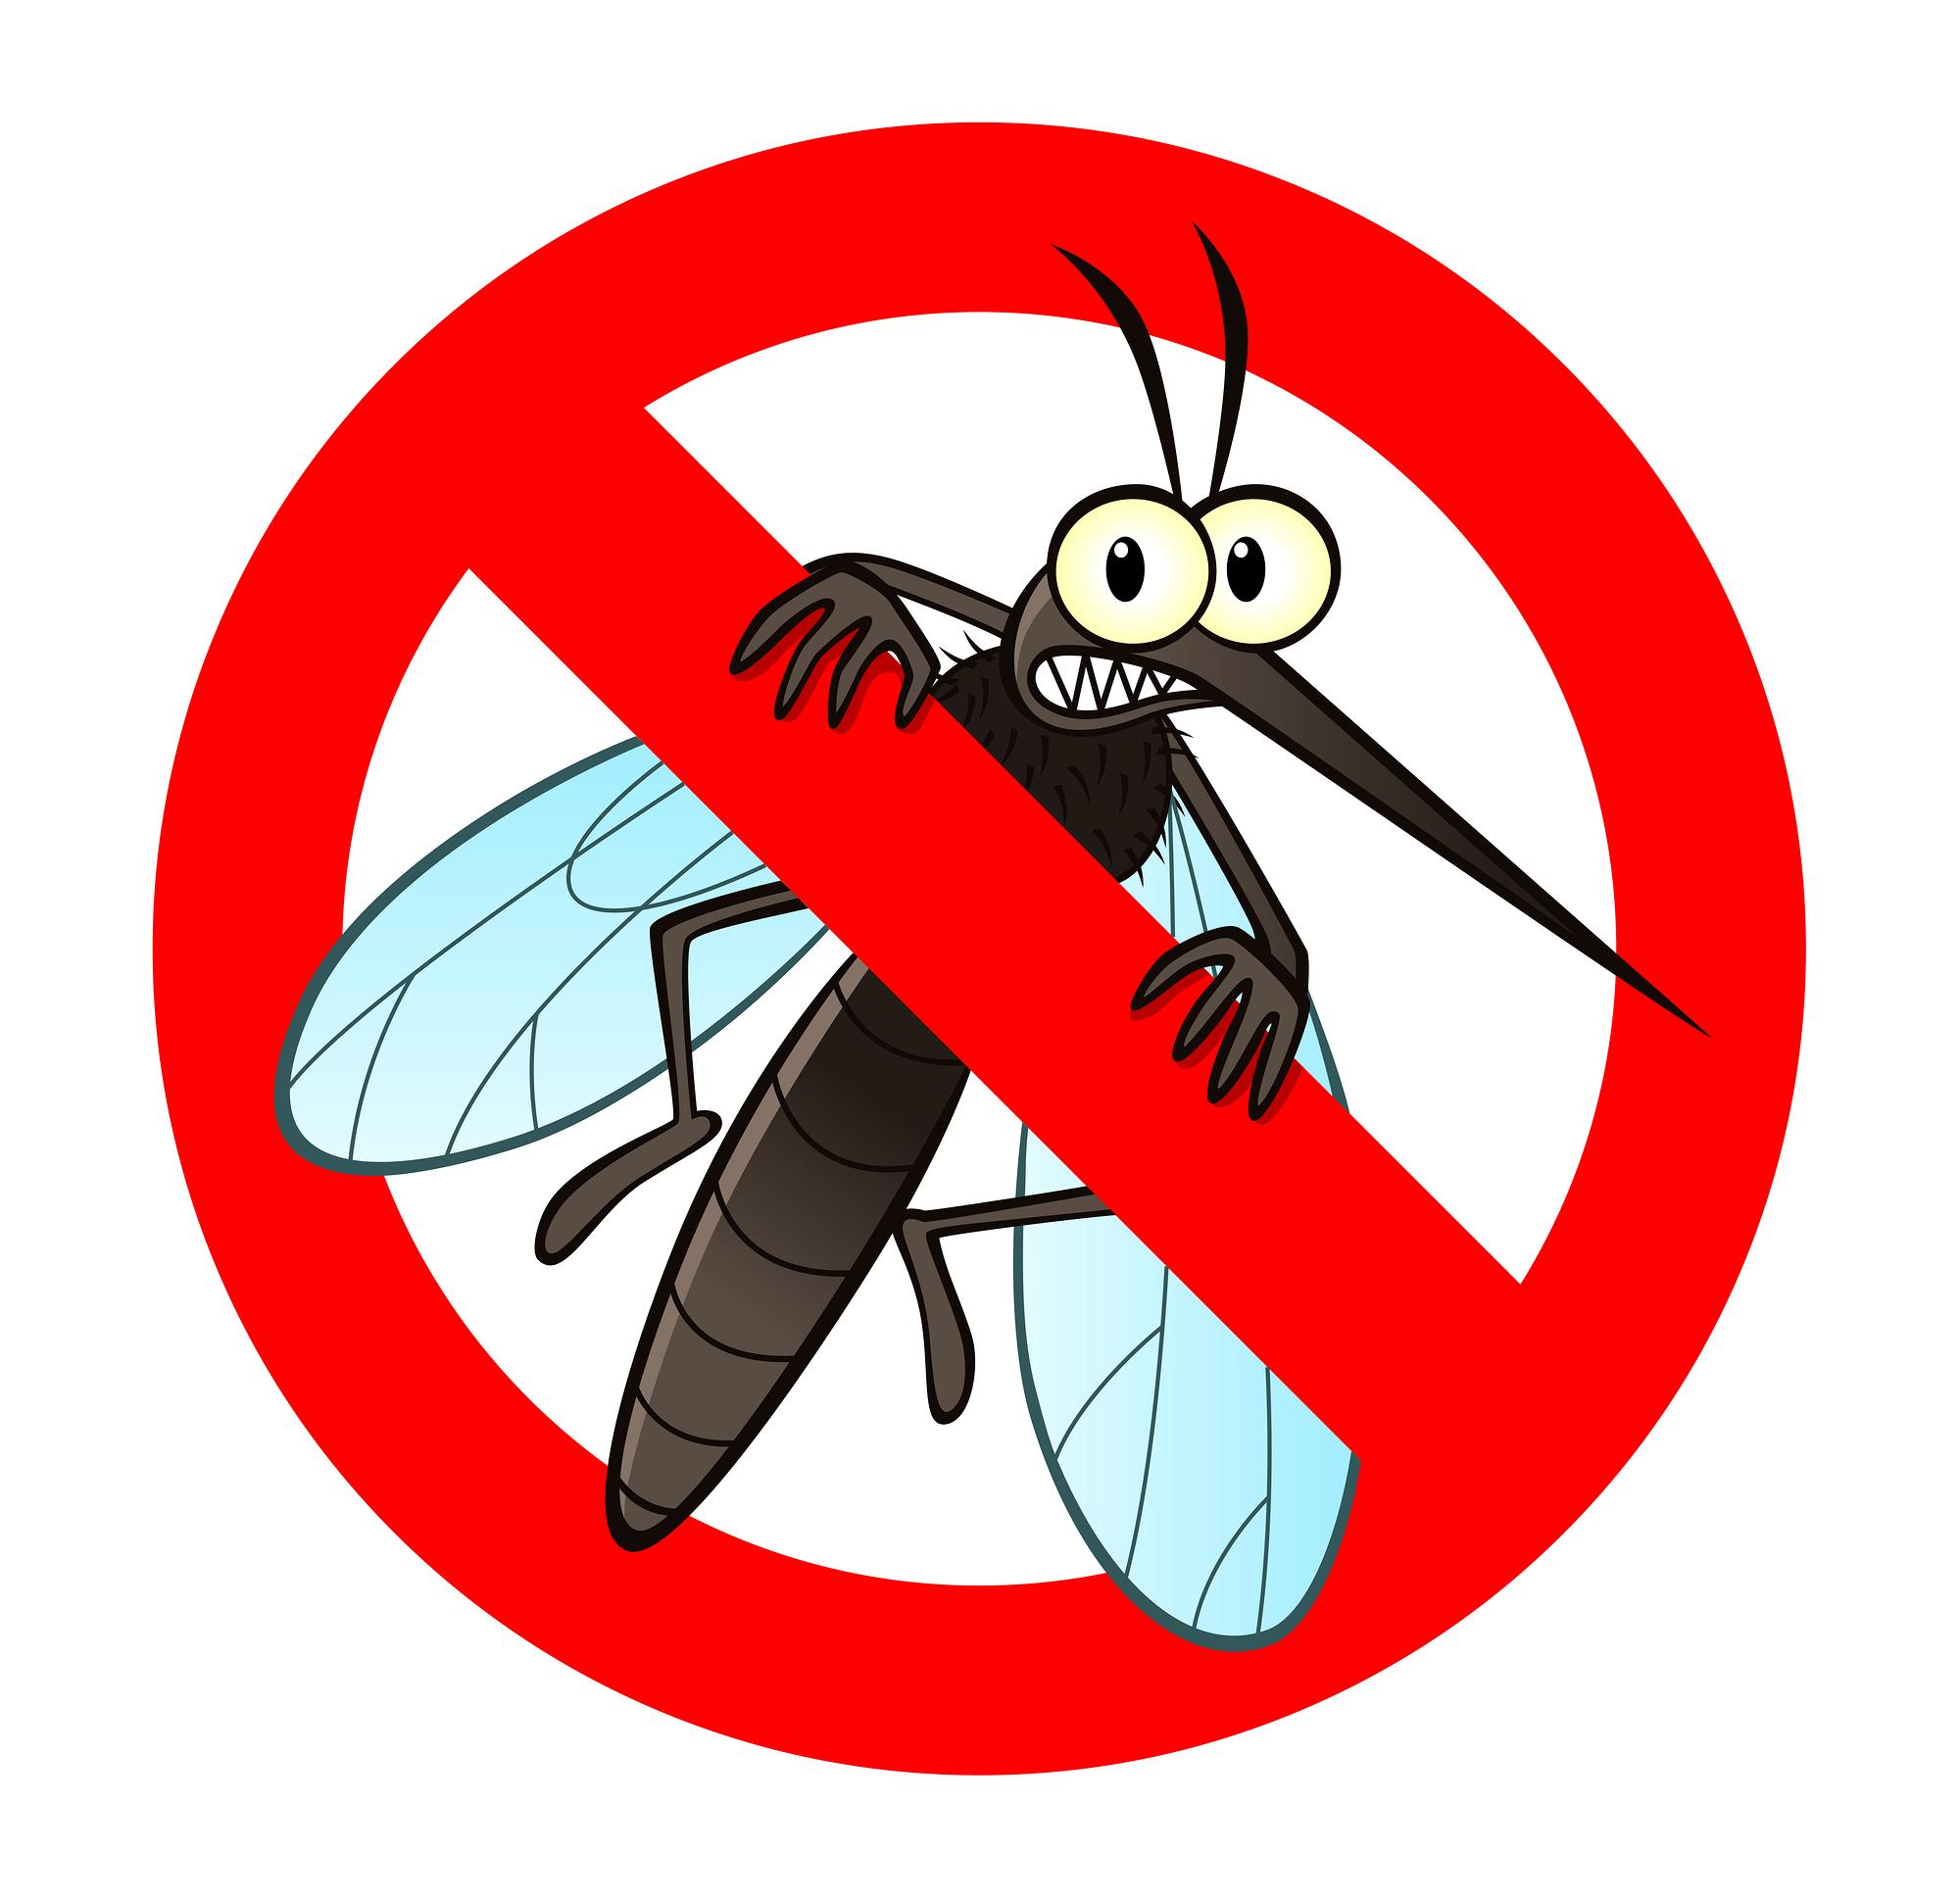 Mosquito clipart pesky, Mosquito pesky Transparent FREE for.